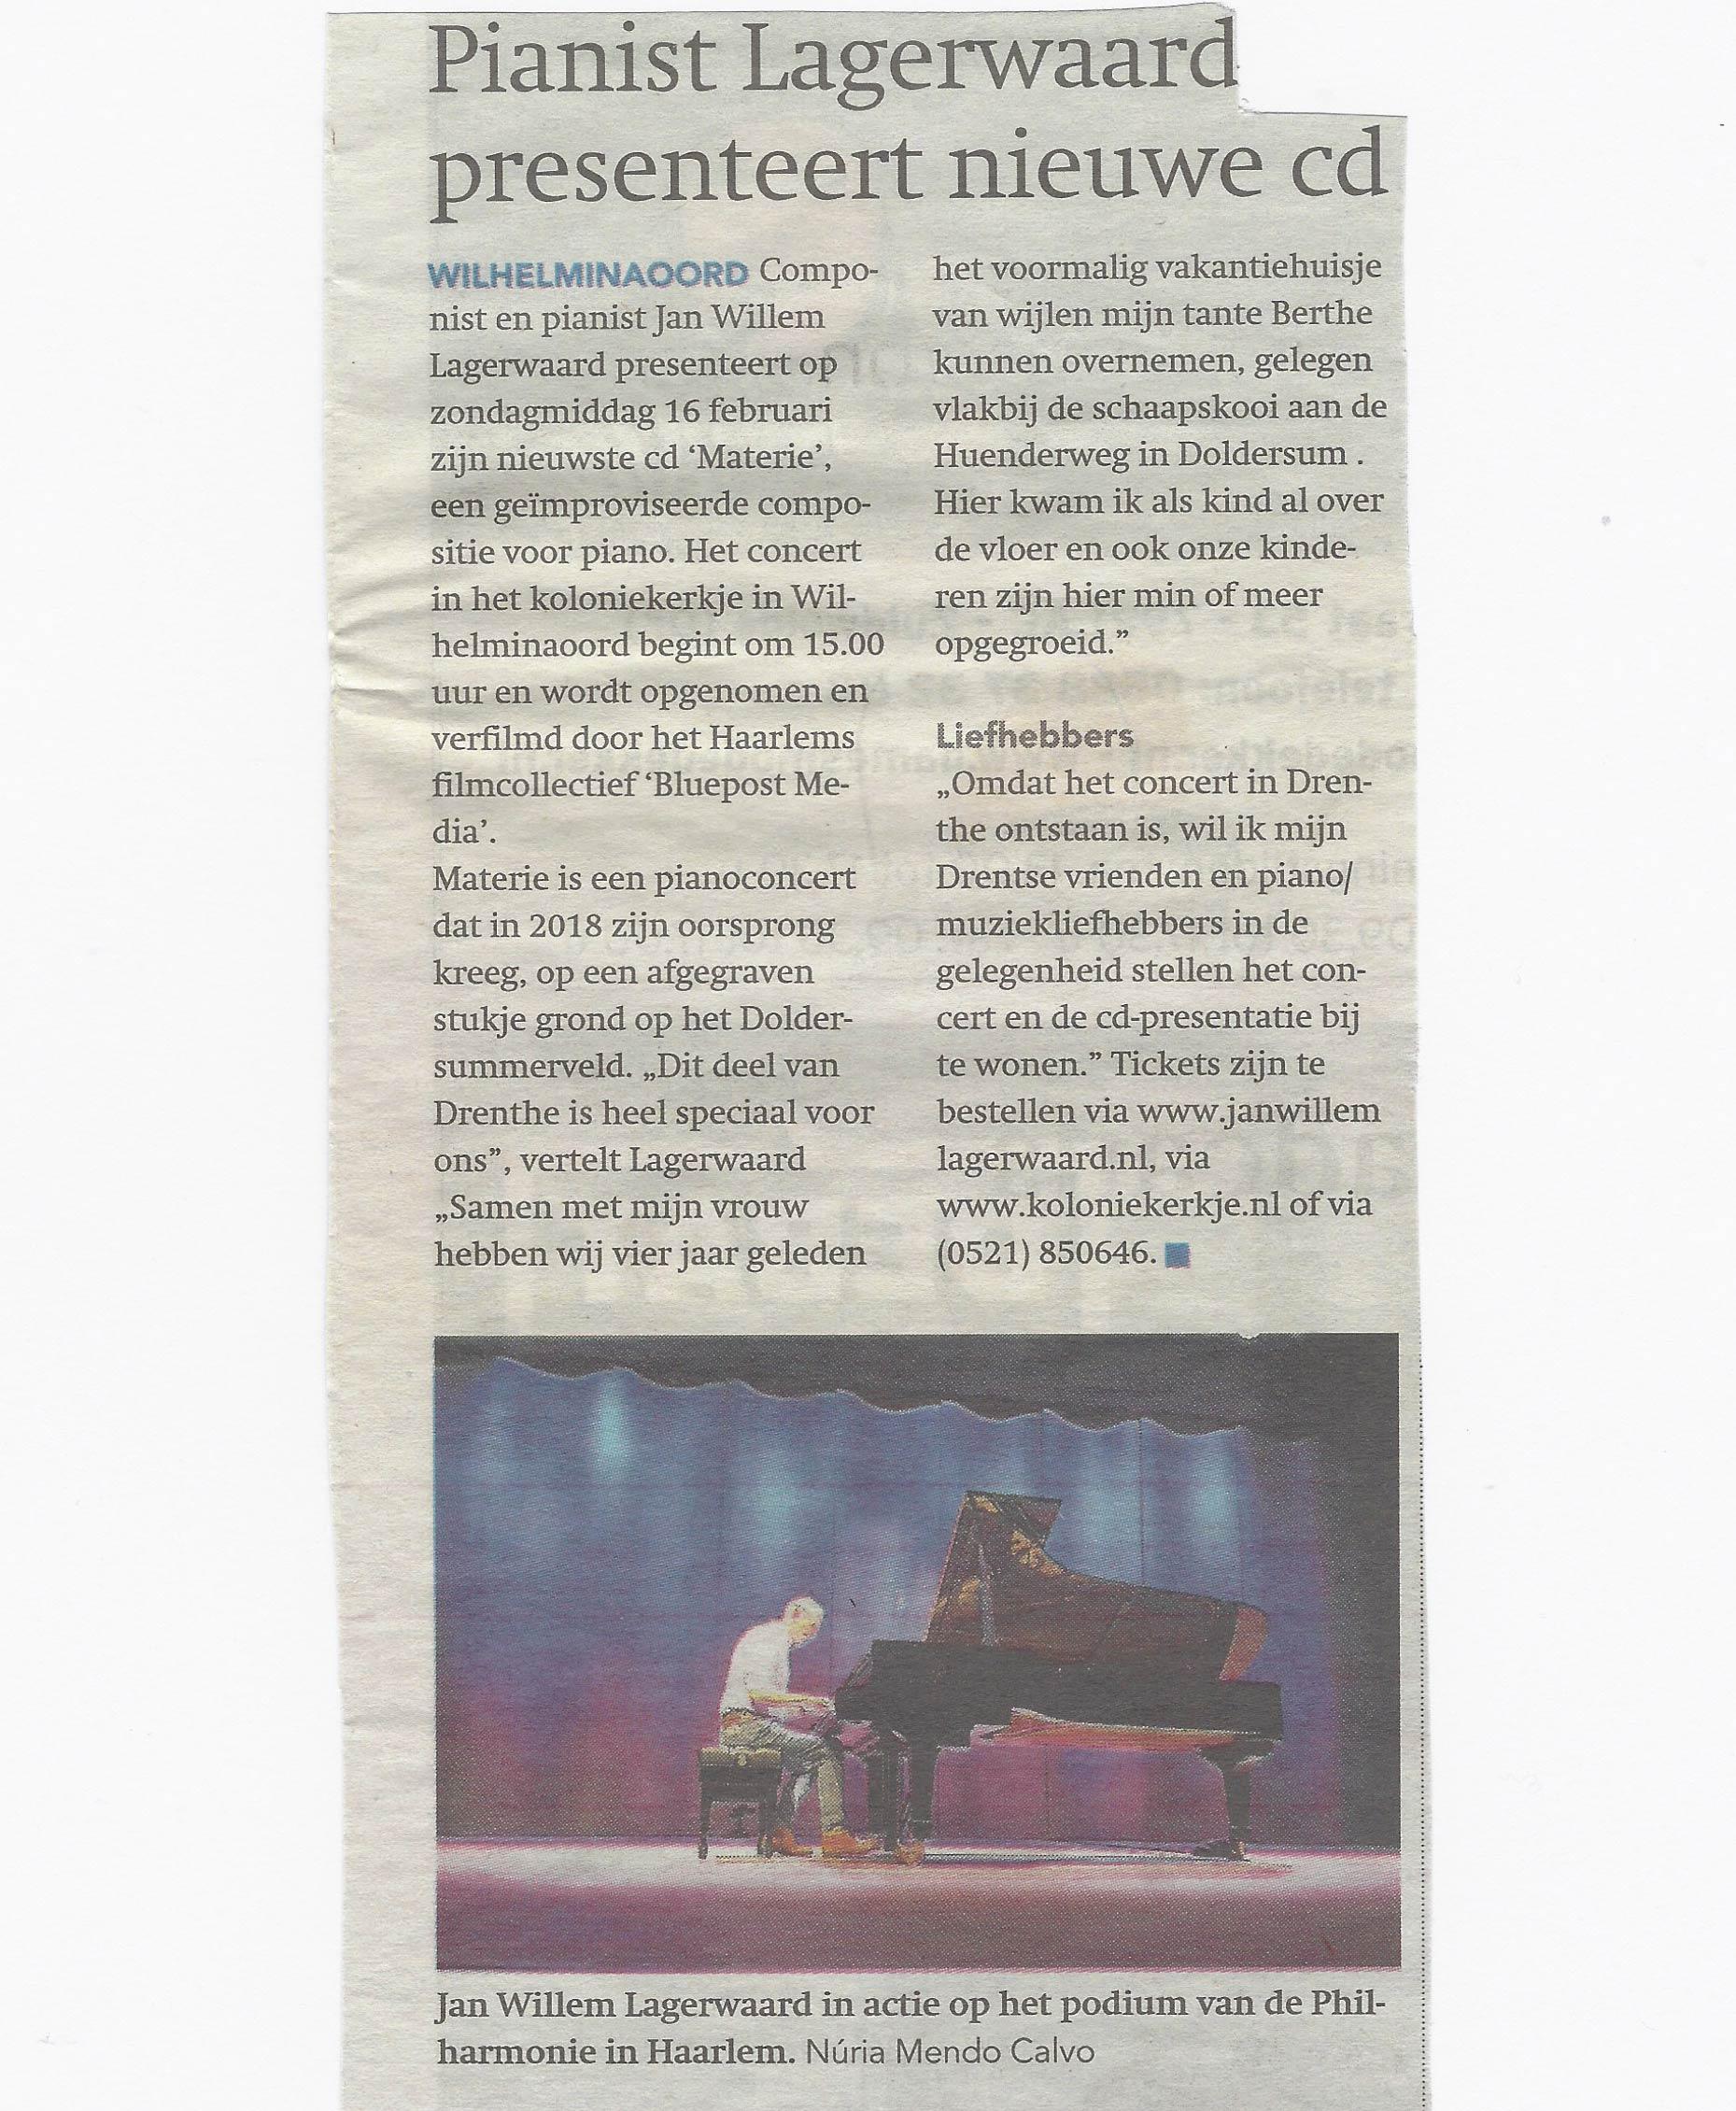 Pianist Lagerwaard presenteert nieuwe cd